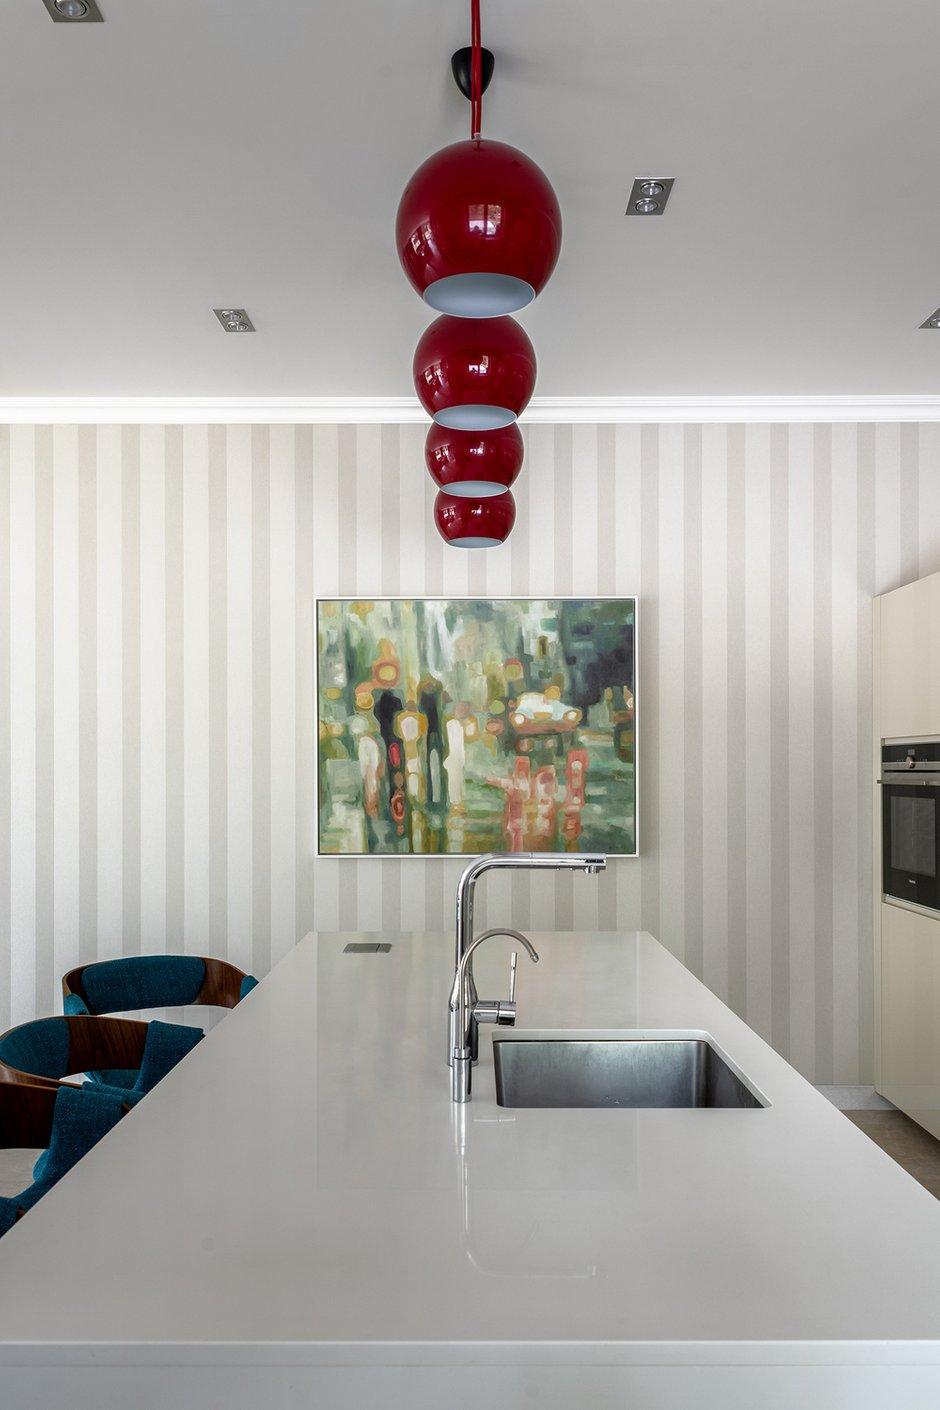 Фотография: Кухня и столовая в стиле Современный, Эклектика, Дом, Проект недели, Более 90 метров, Дарья Сиротина, Roomer – фото на INMYROOM